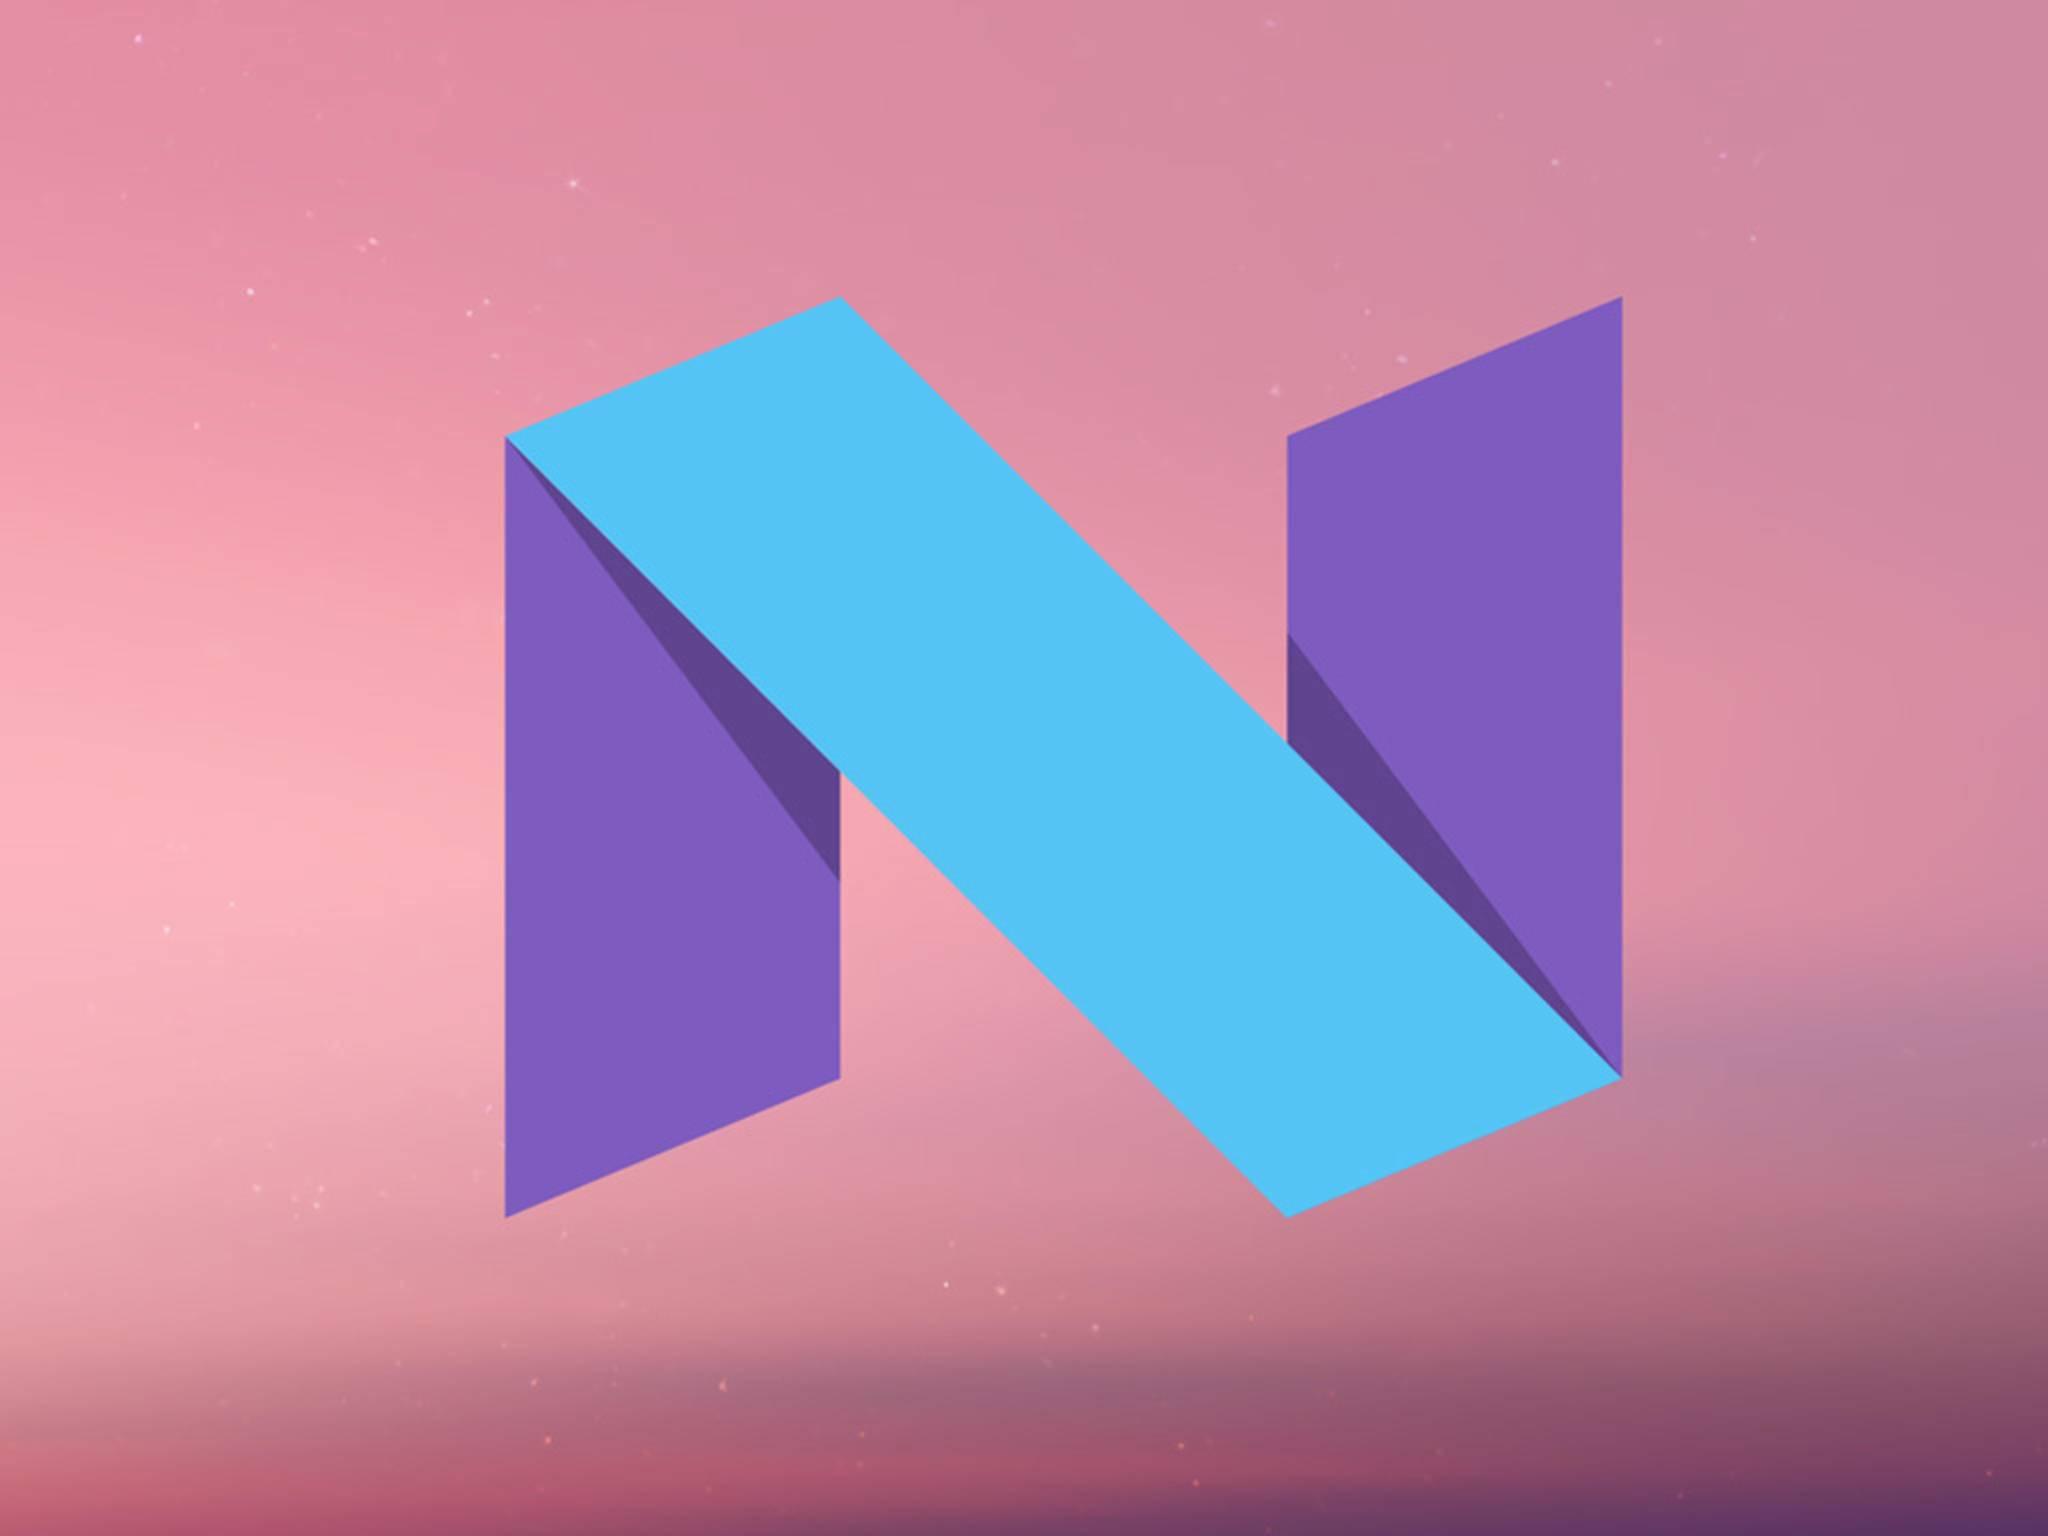 Android N soll schnell auf den neuesten Galaxy-Modellen laufen.